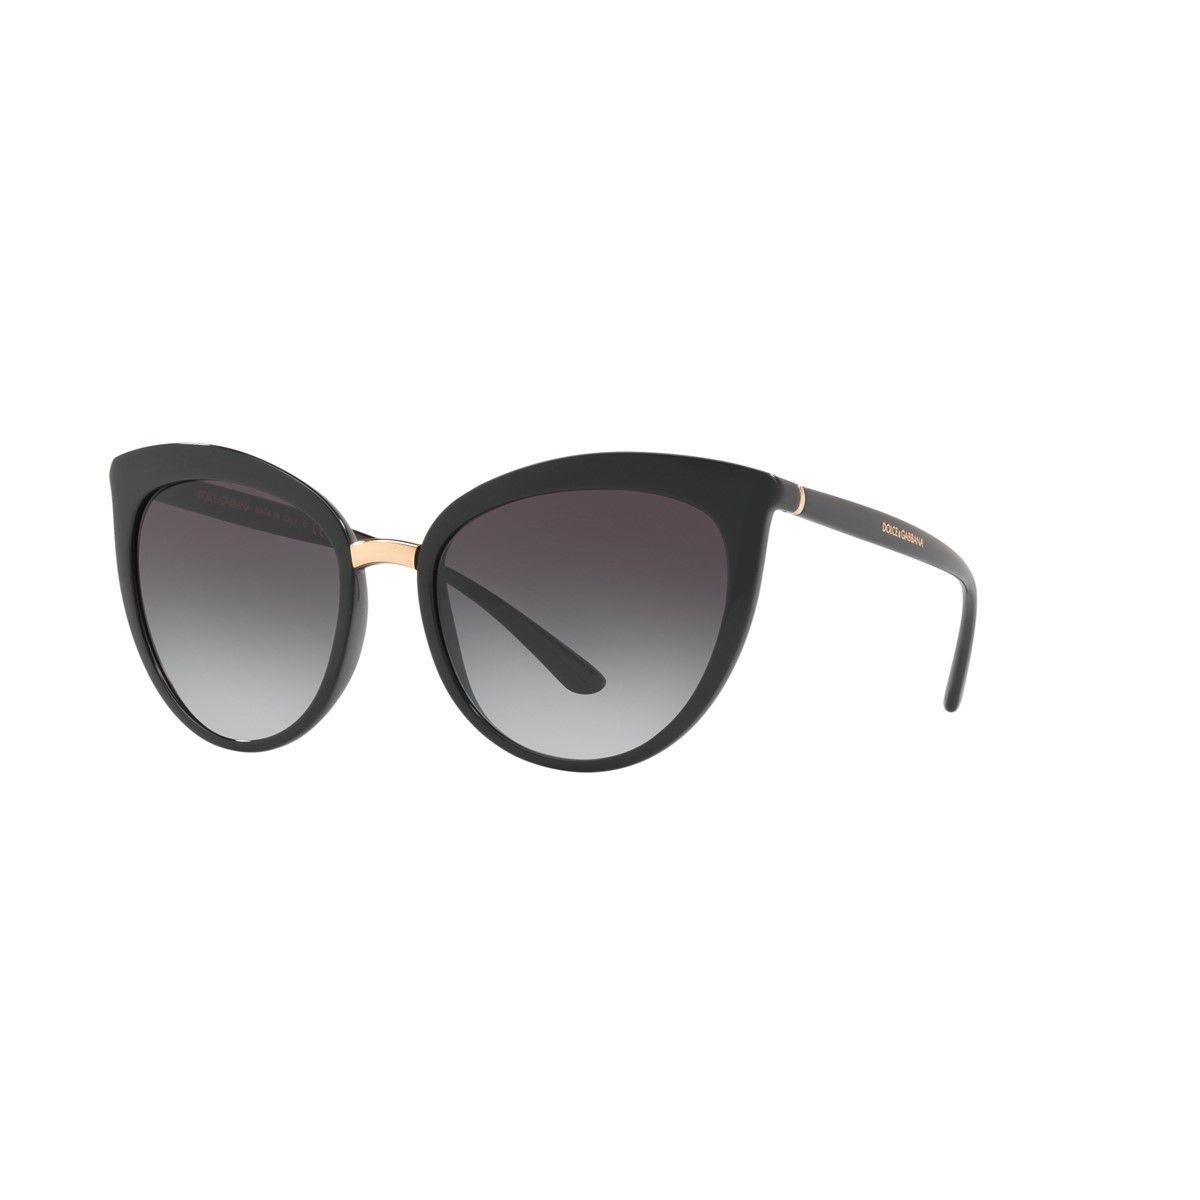 af2764af76f5ac Lunettes de soleil DG6113 Dolce   Gabbana en noir - Galeries Lafayette